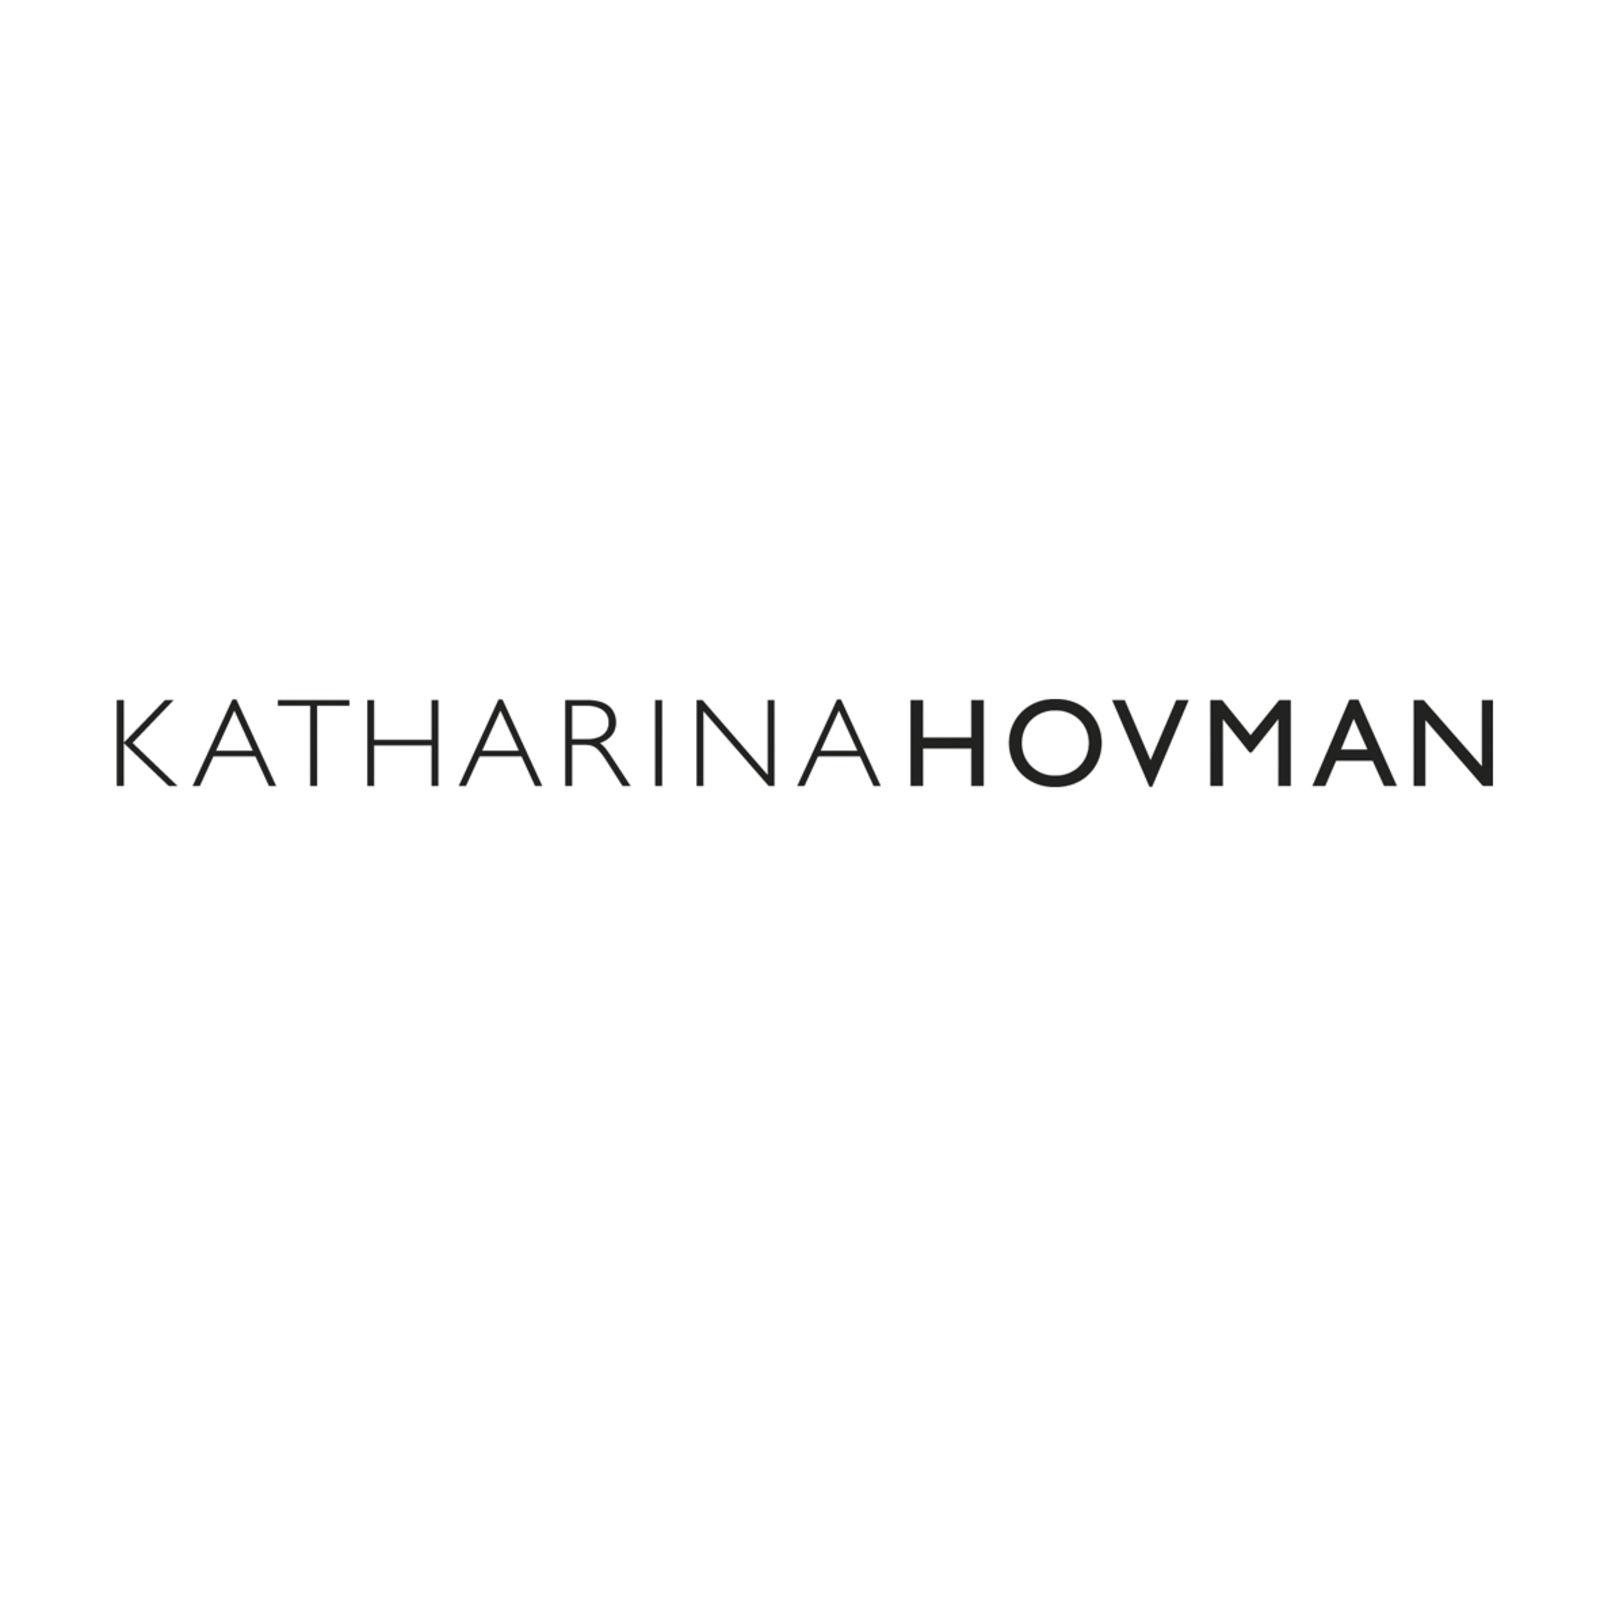 KATHARINA HOVMAN (Bild 6)